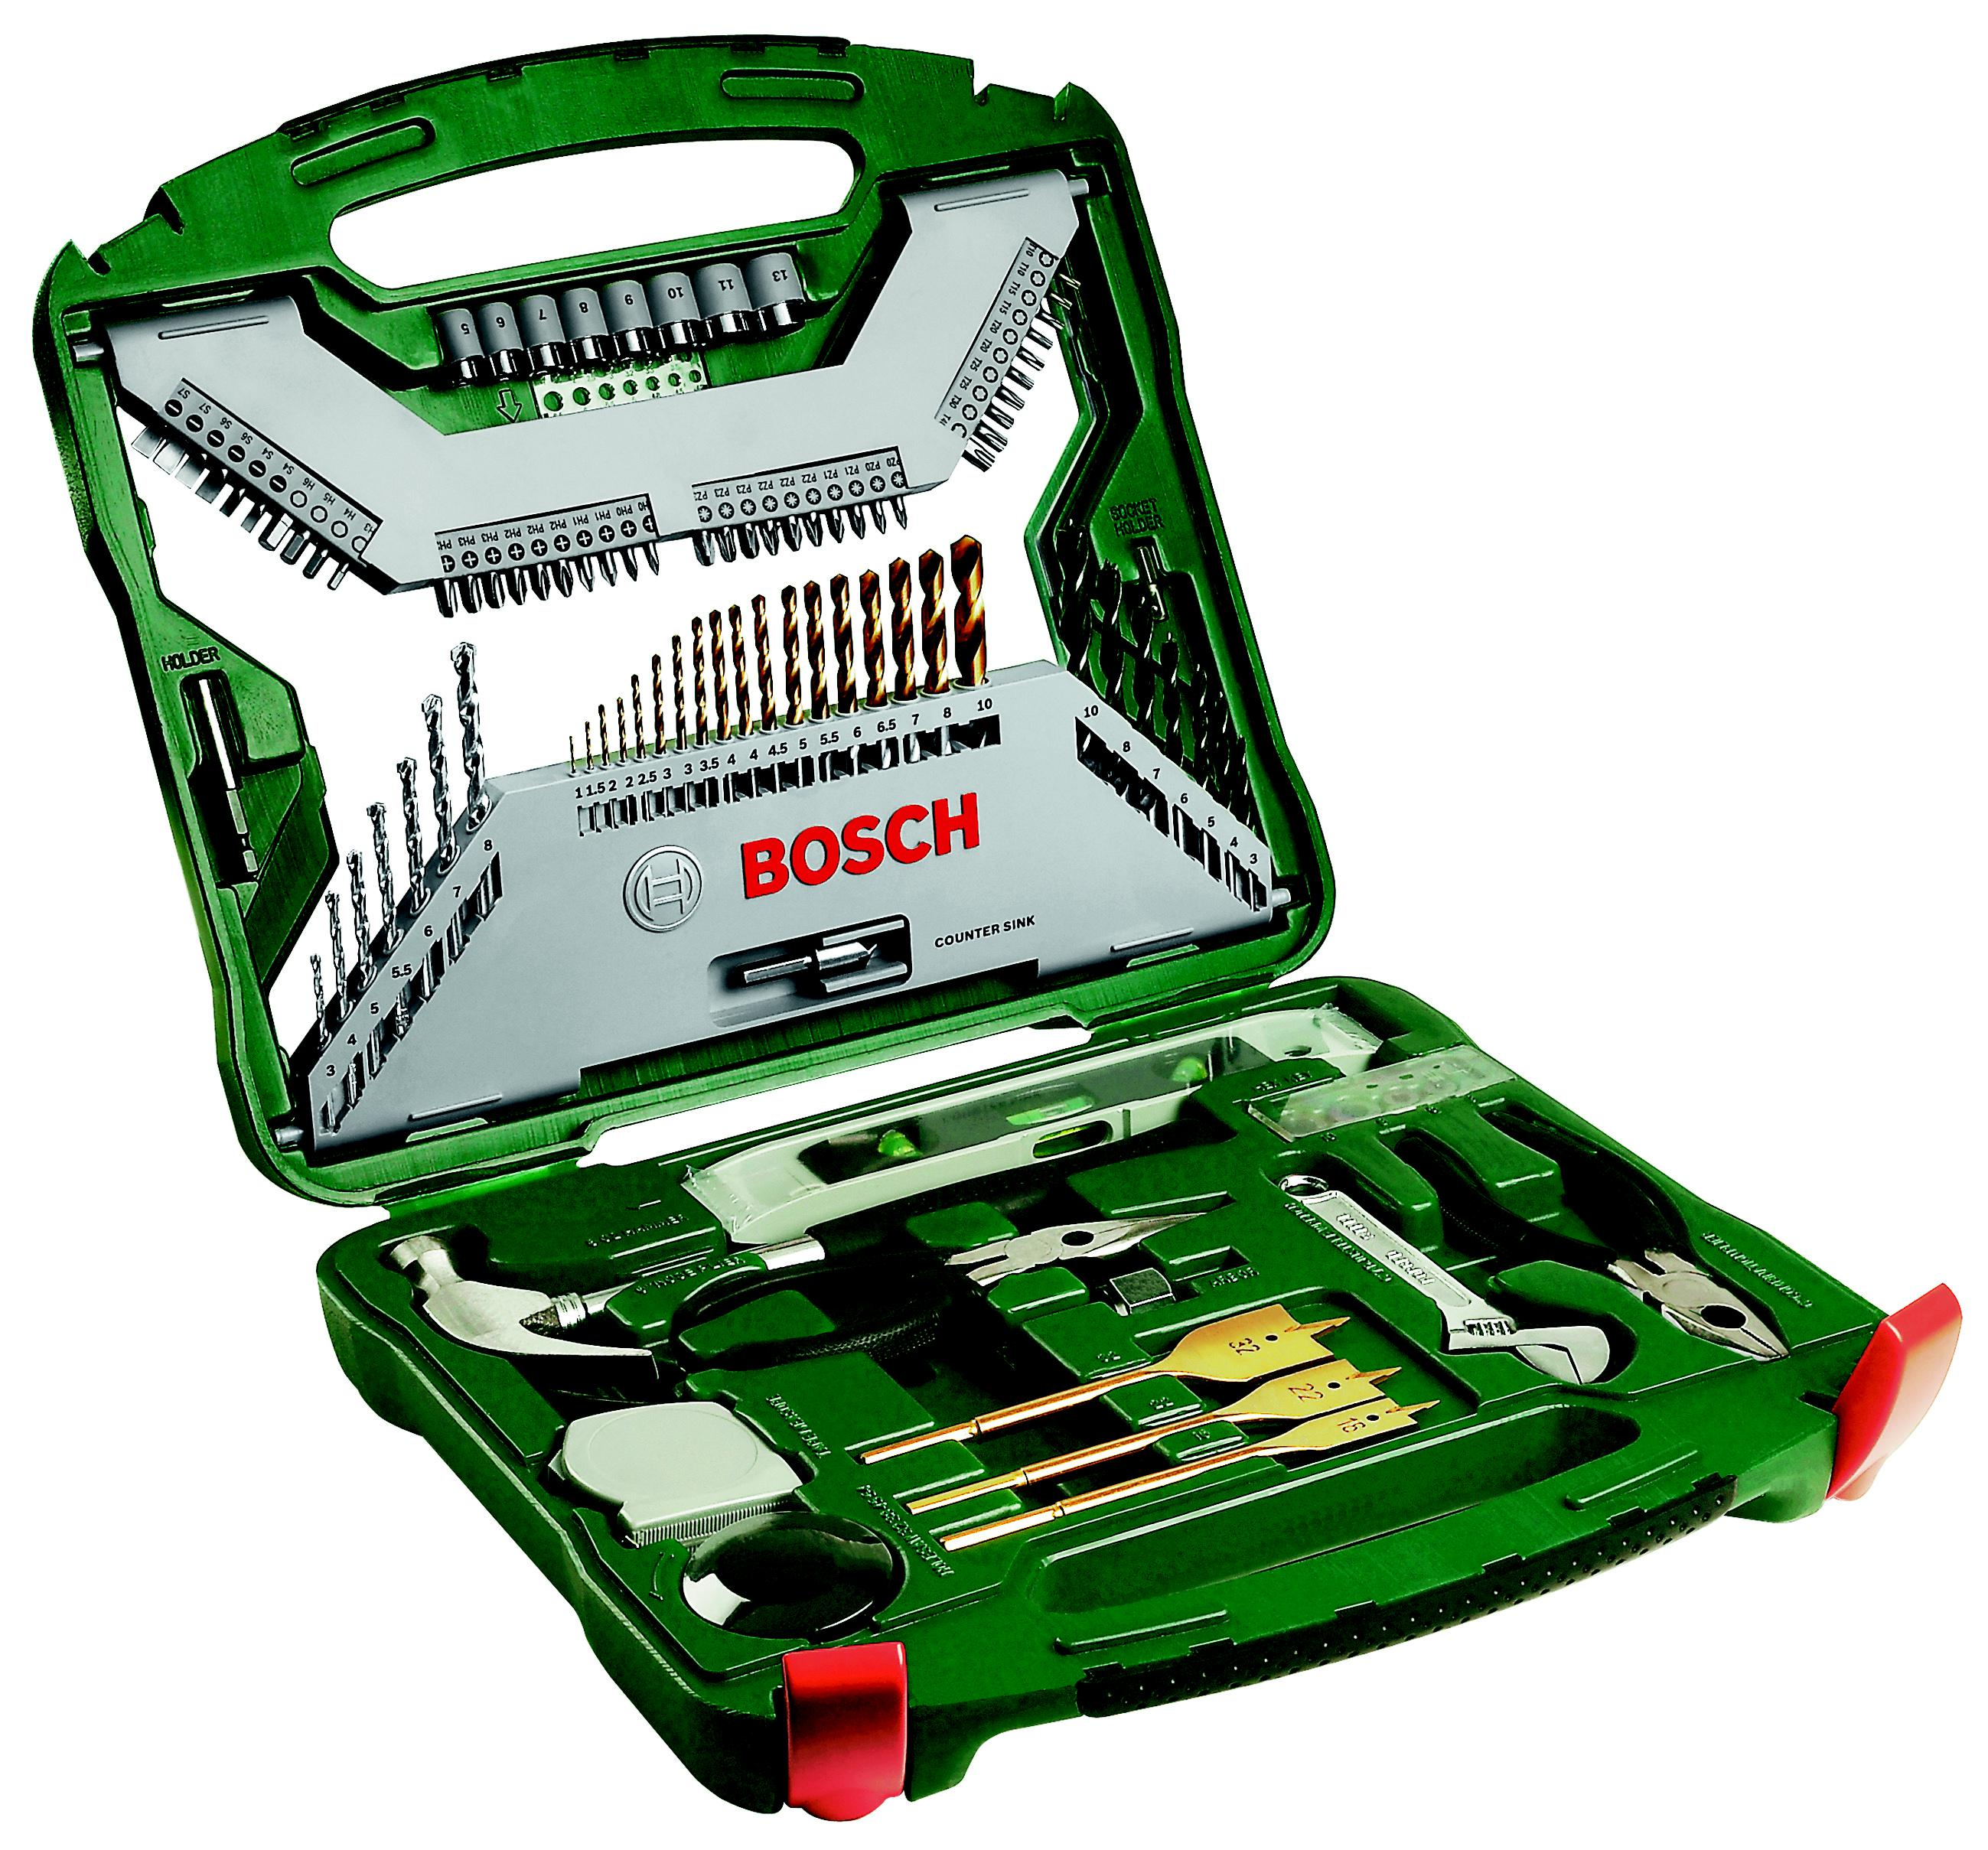 Набор инструментов Bosch X-line 103 titanium (2.607.019.331) набор инструмента bosch x line 103 2607019331